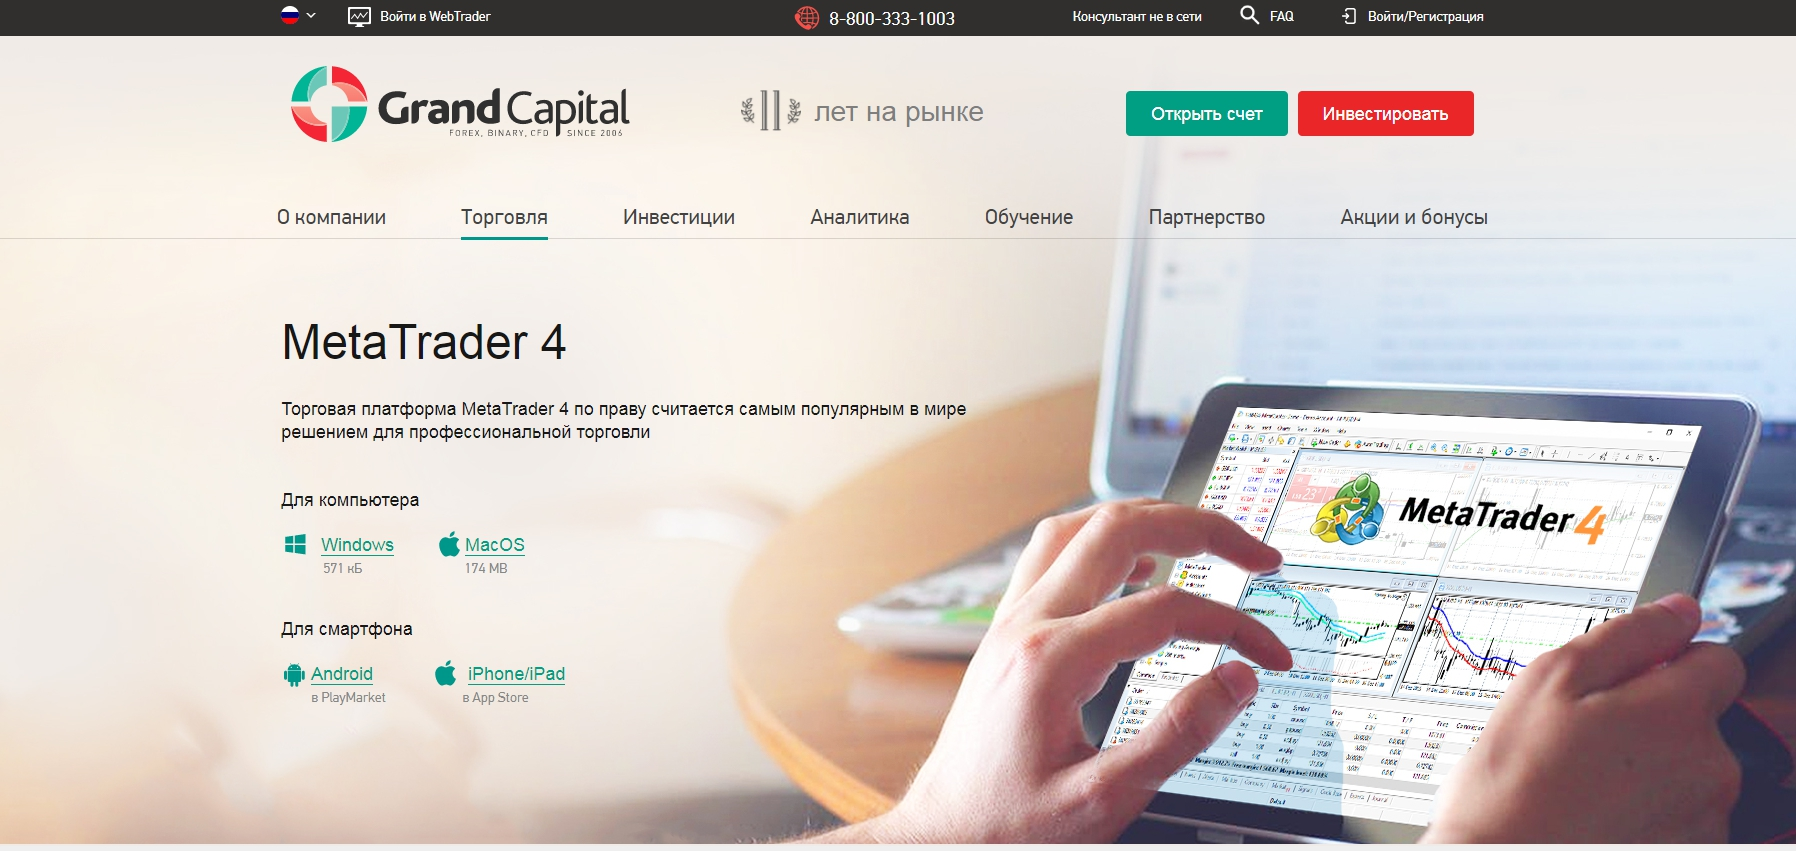 Обзор Grand Capital: плюсы торговой площадки, что особенного в брокере